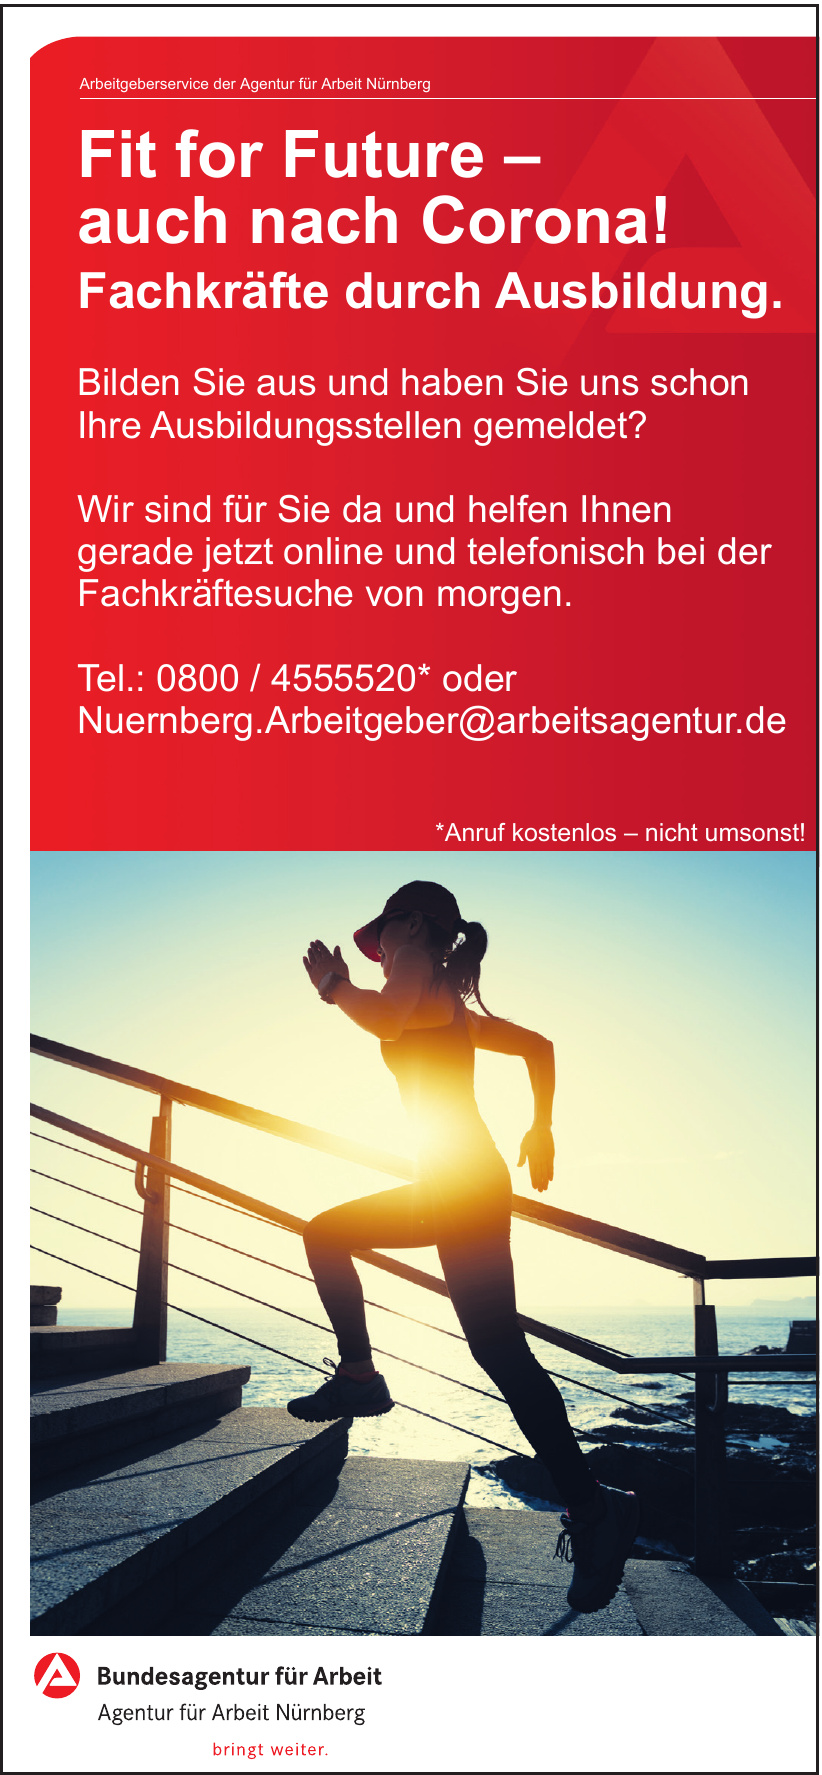 Bundesagentur für Arbeit - Nürnberg